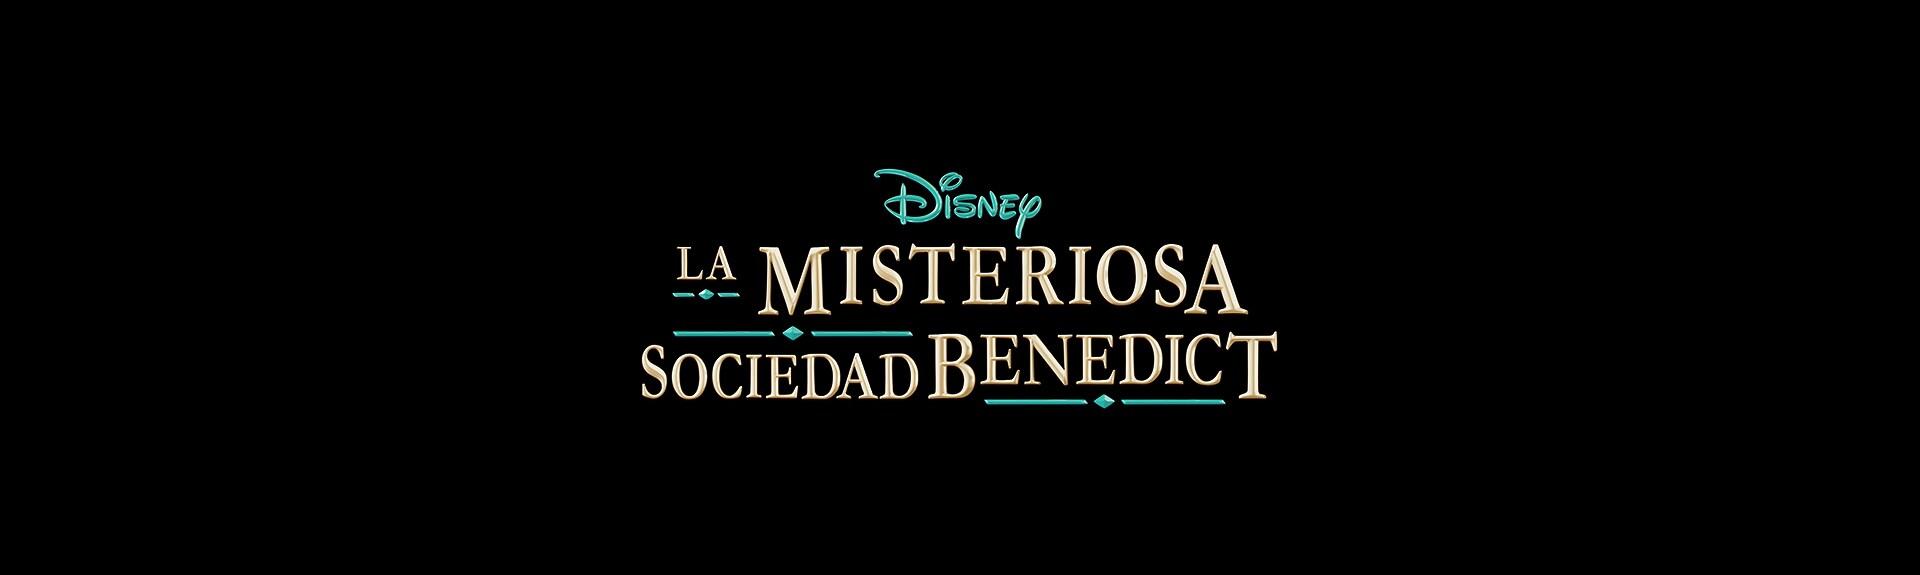 TMBS | Estreno 25 de junio | Solo en Disney+